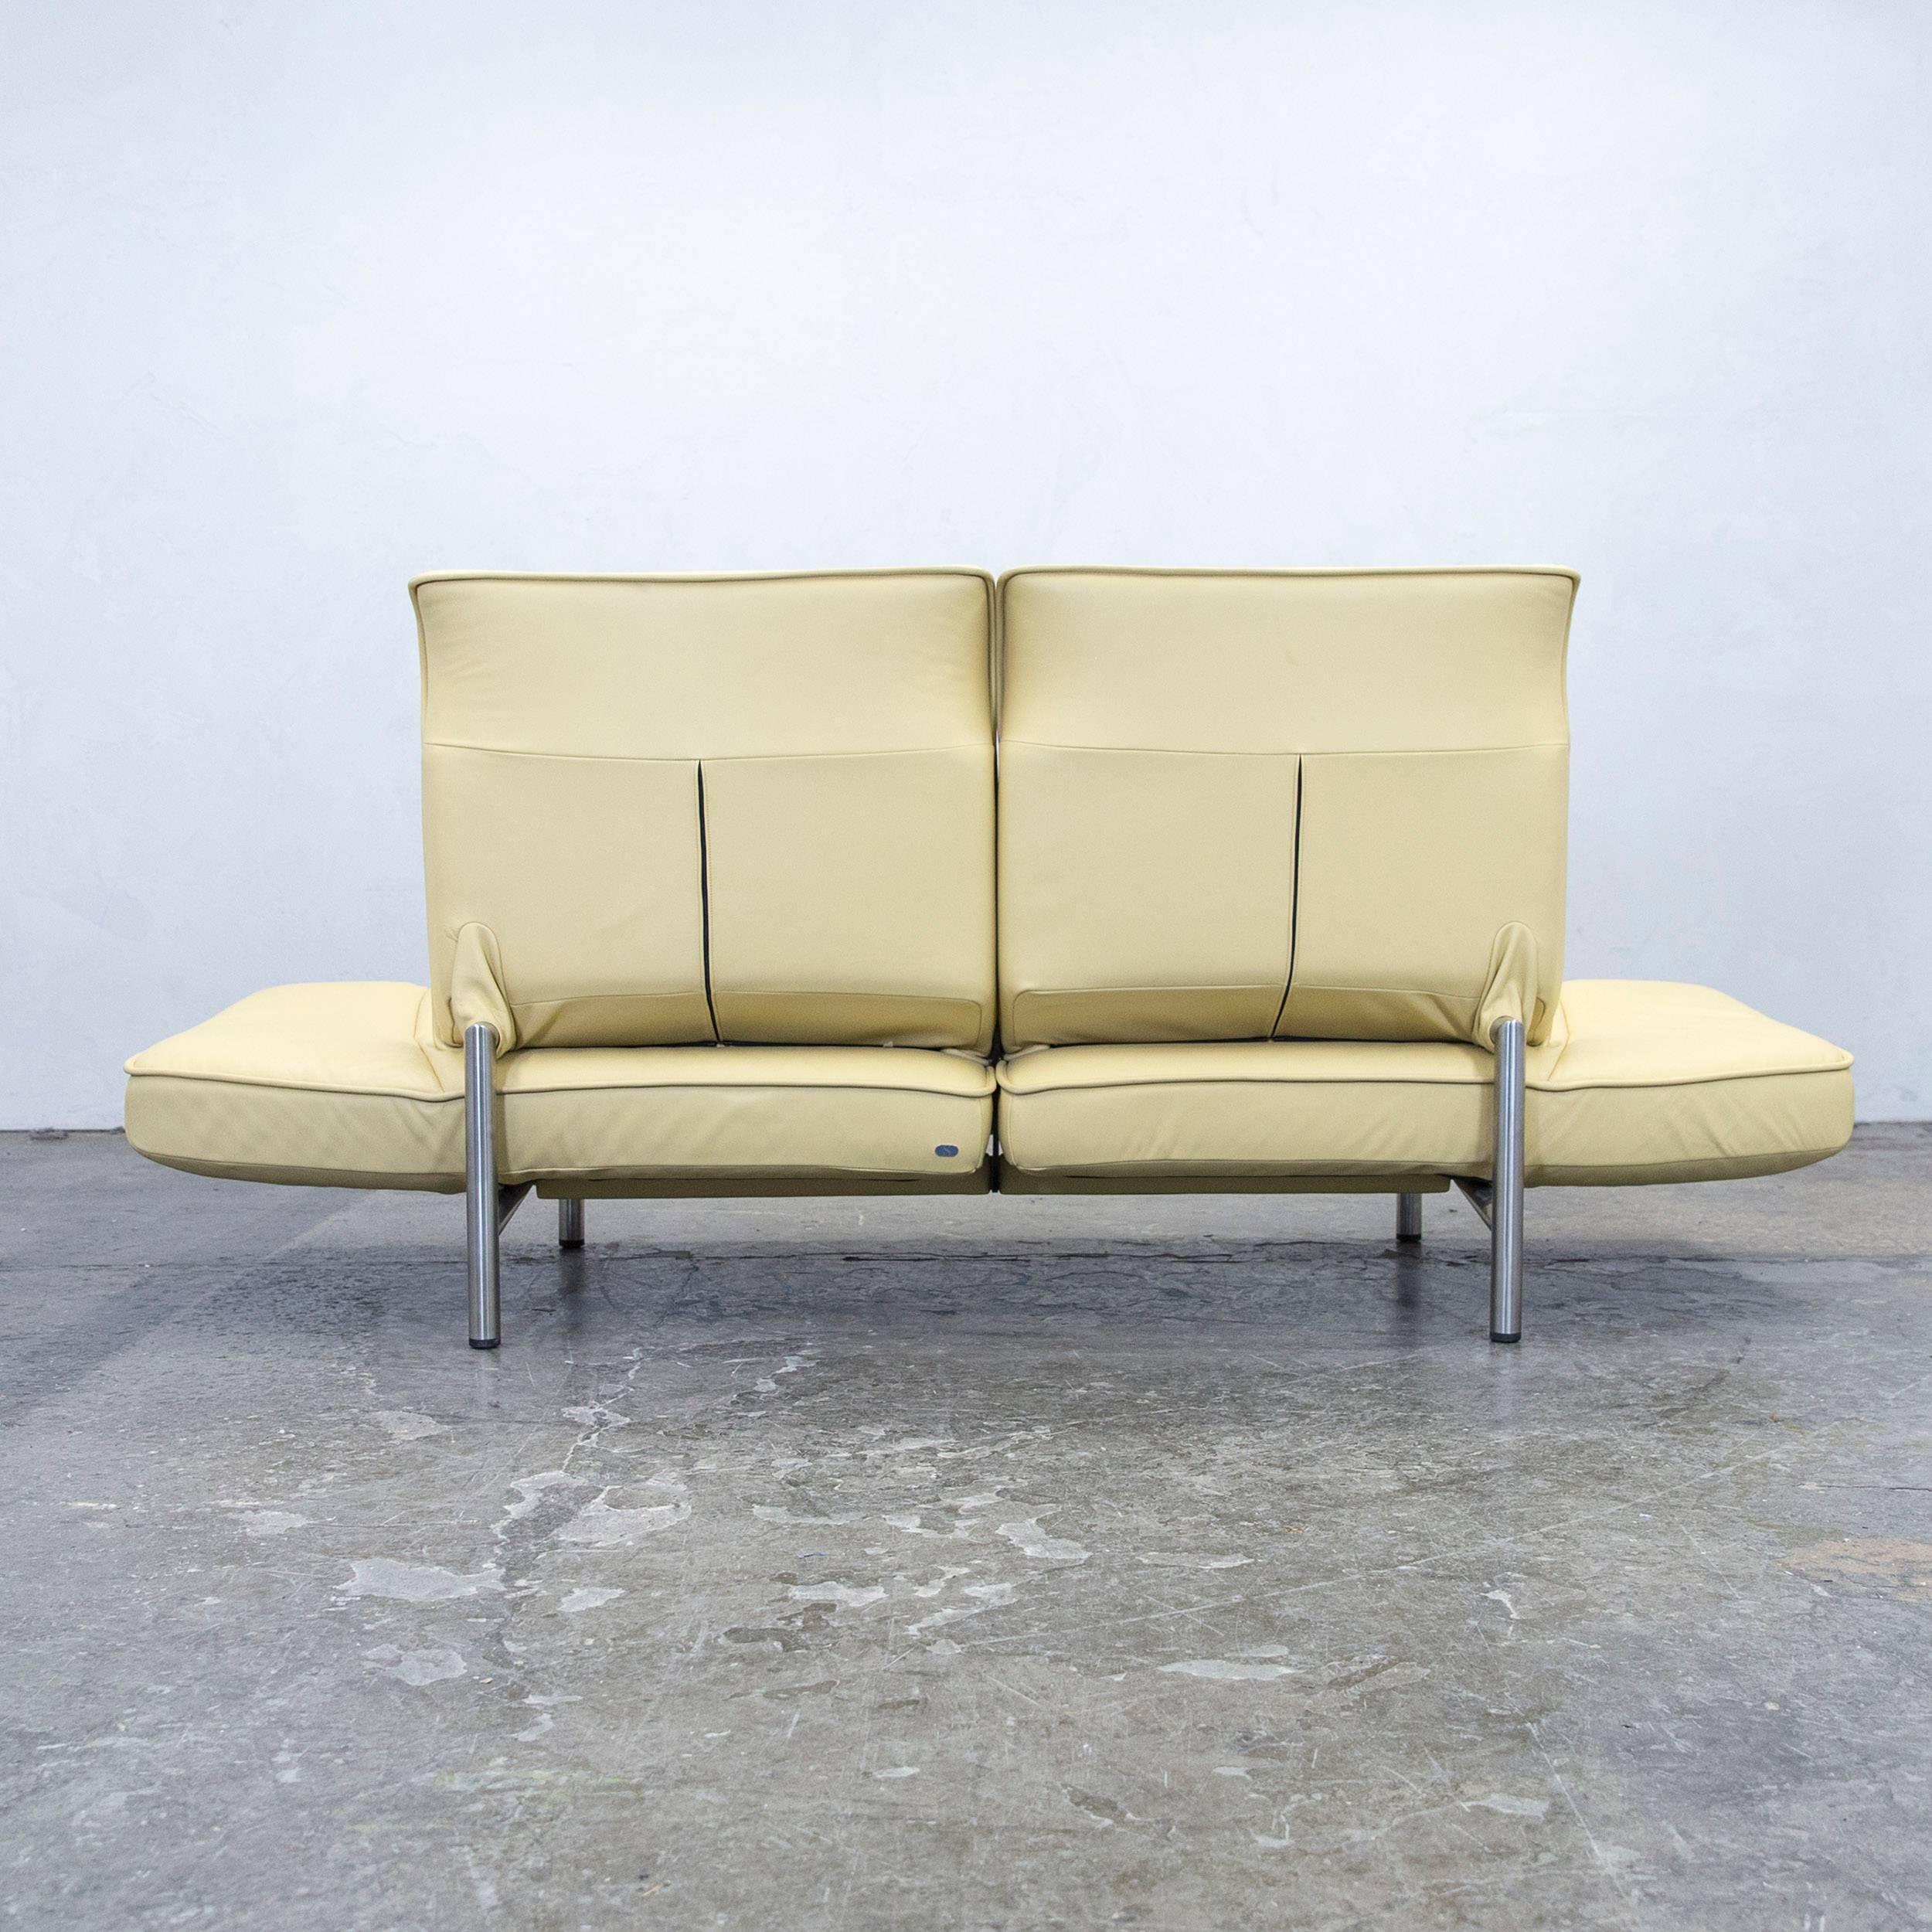 de sede sofa leder gebraucht baci living room. Black Bedroom Furniture Sets. Home Design Ideas